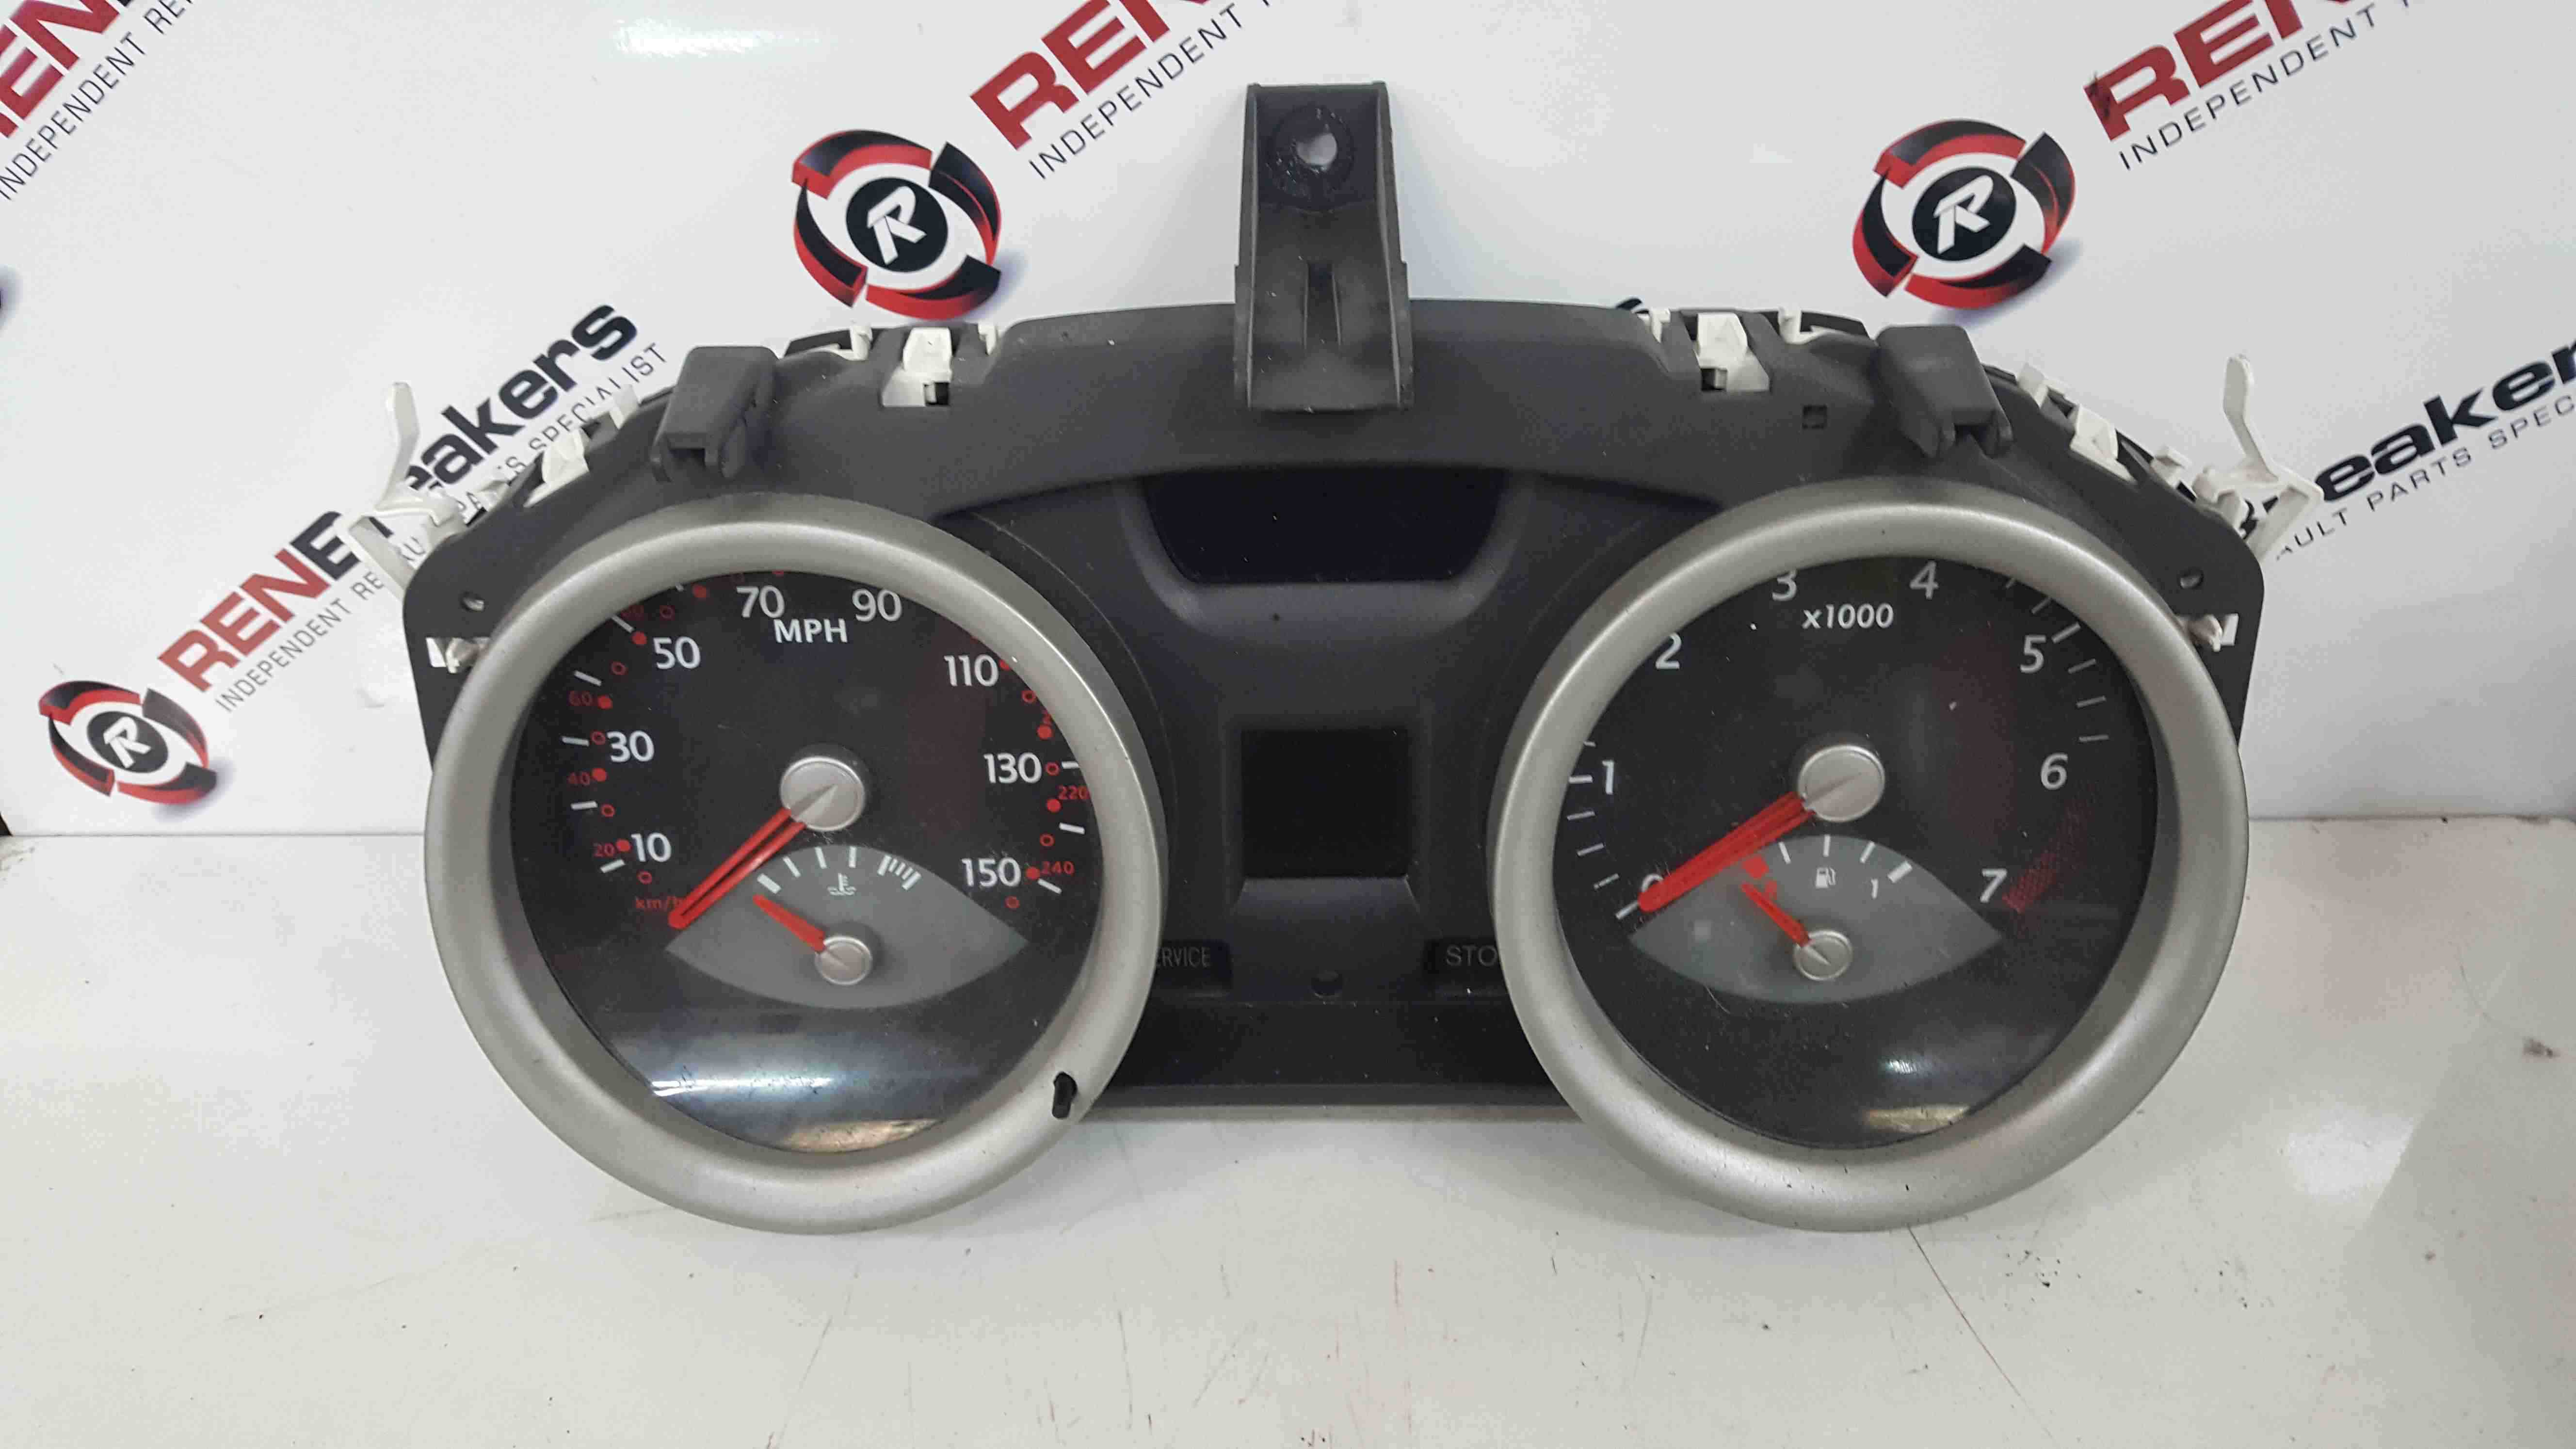 Renault Megane 2002-2008 Instrument Panel Clocks Gauges 8200364029